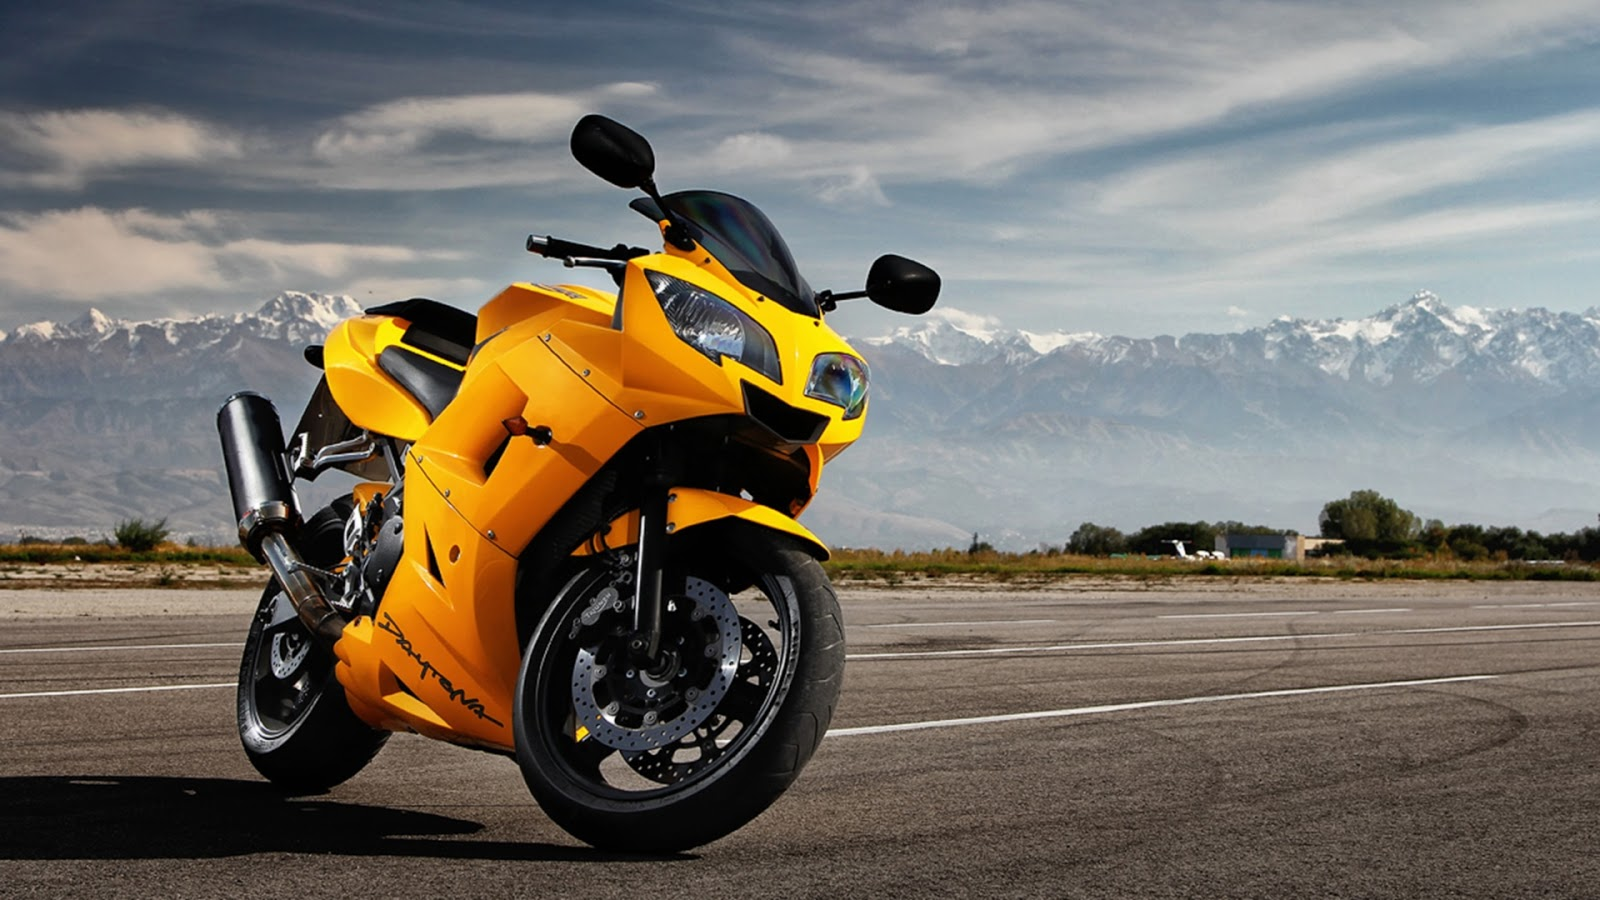 Yellow Daytona Motorcycle